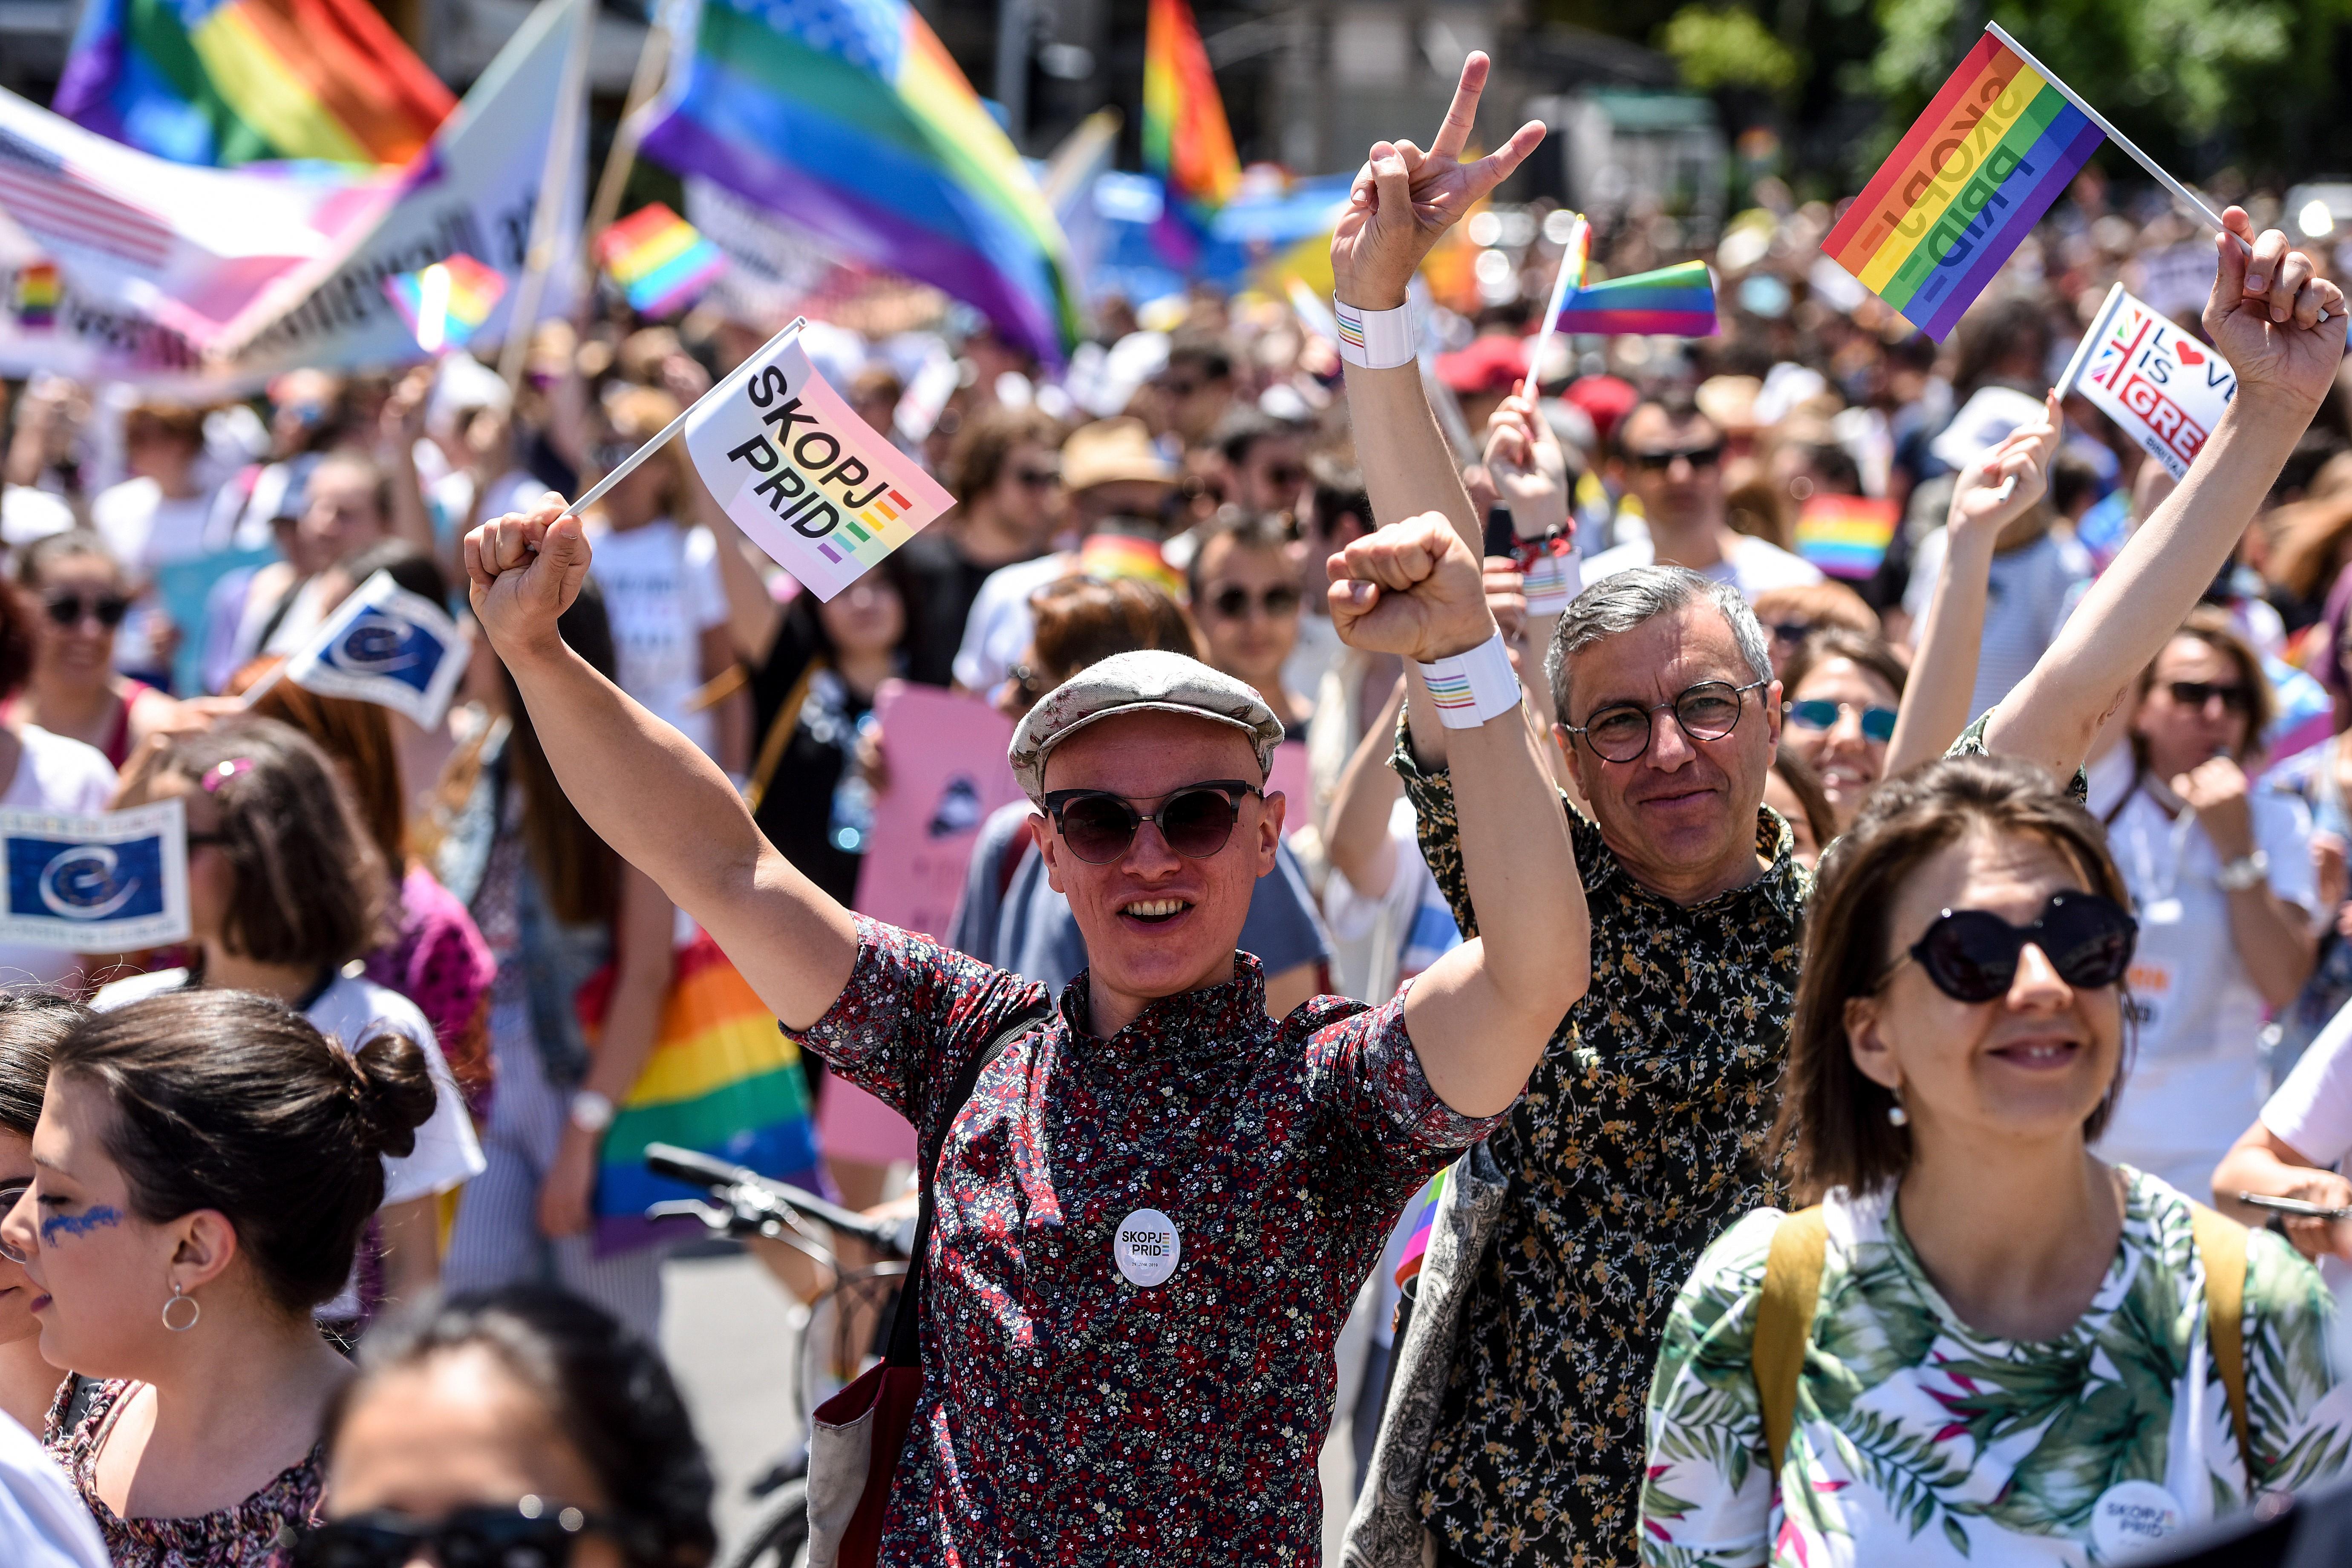 A rendőrség megtiltotta, hogy a Mi Hazánk a Pride útvonalán demonstráljon